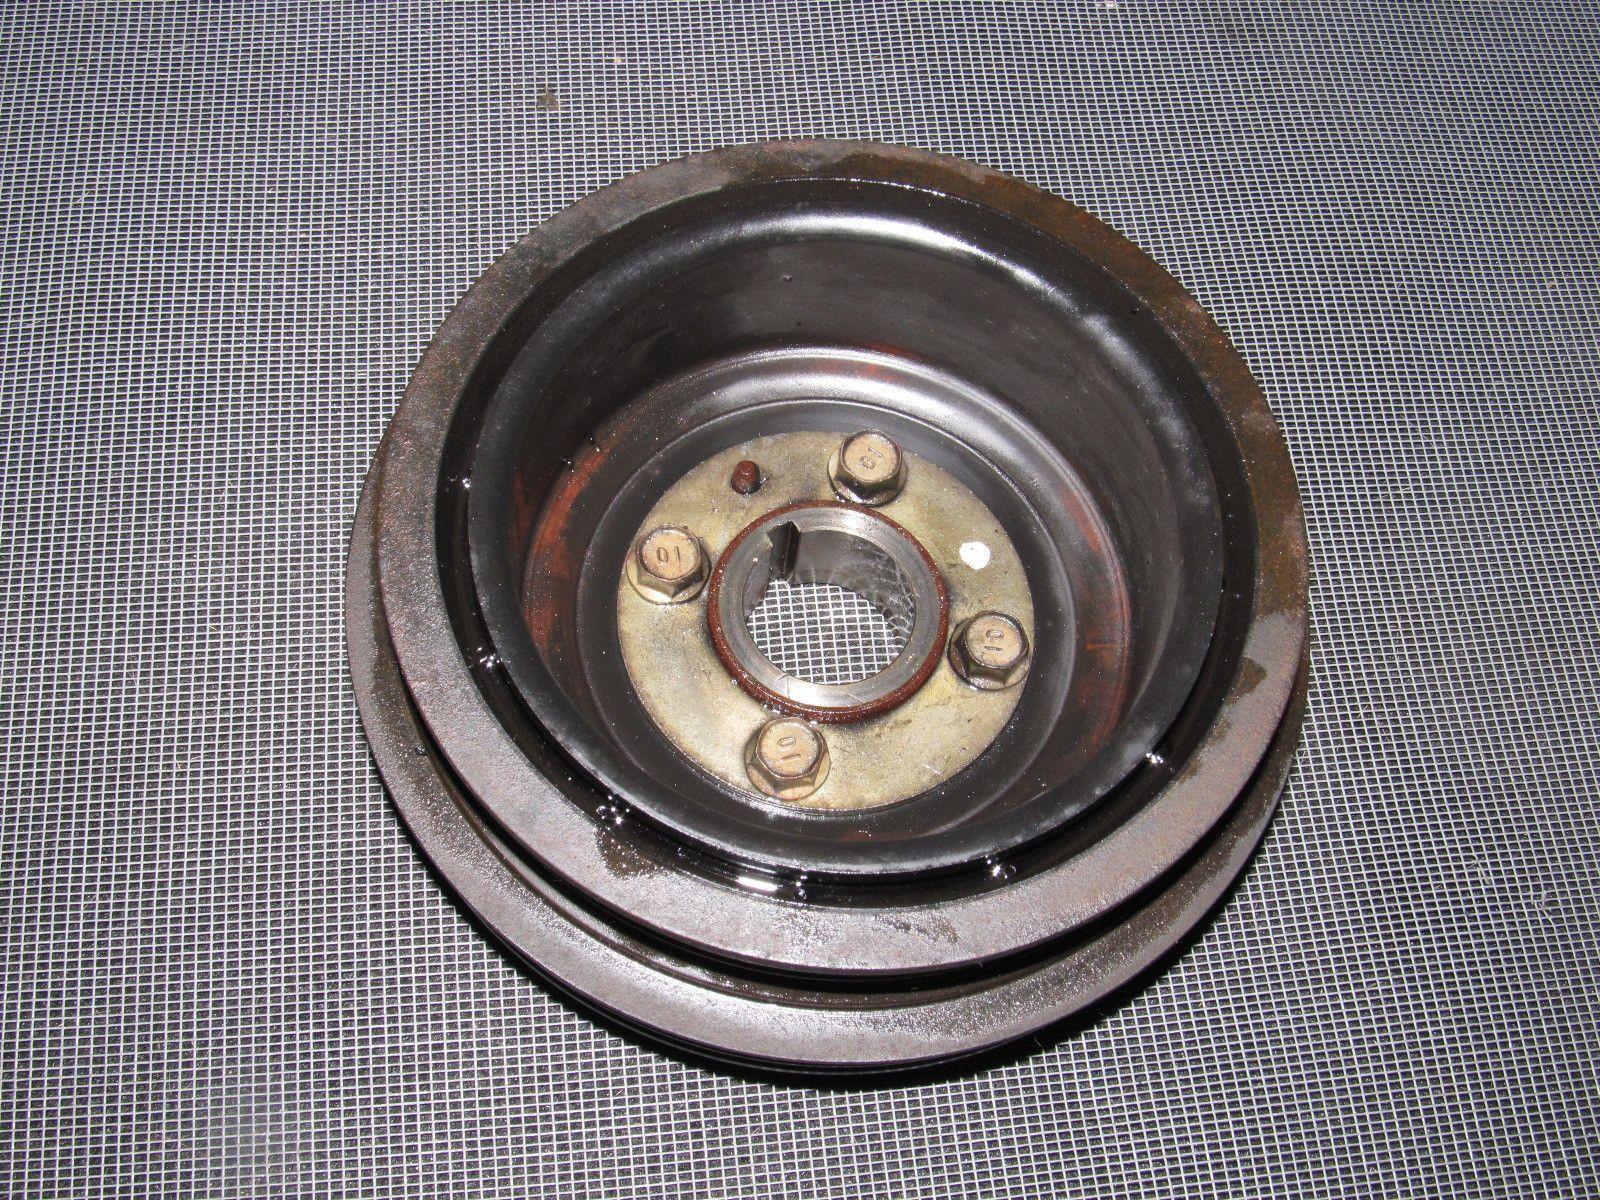 94 95 96 97 Mazda Miata Oem 18l Crankshaft Pulley Autopartonecom Fuse Box 1997